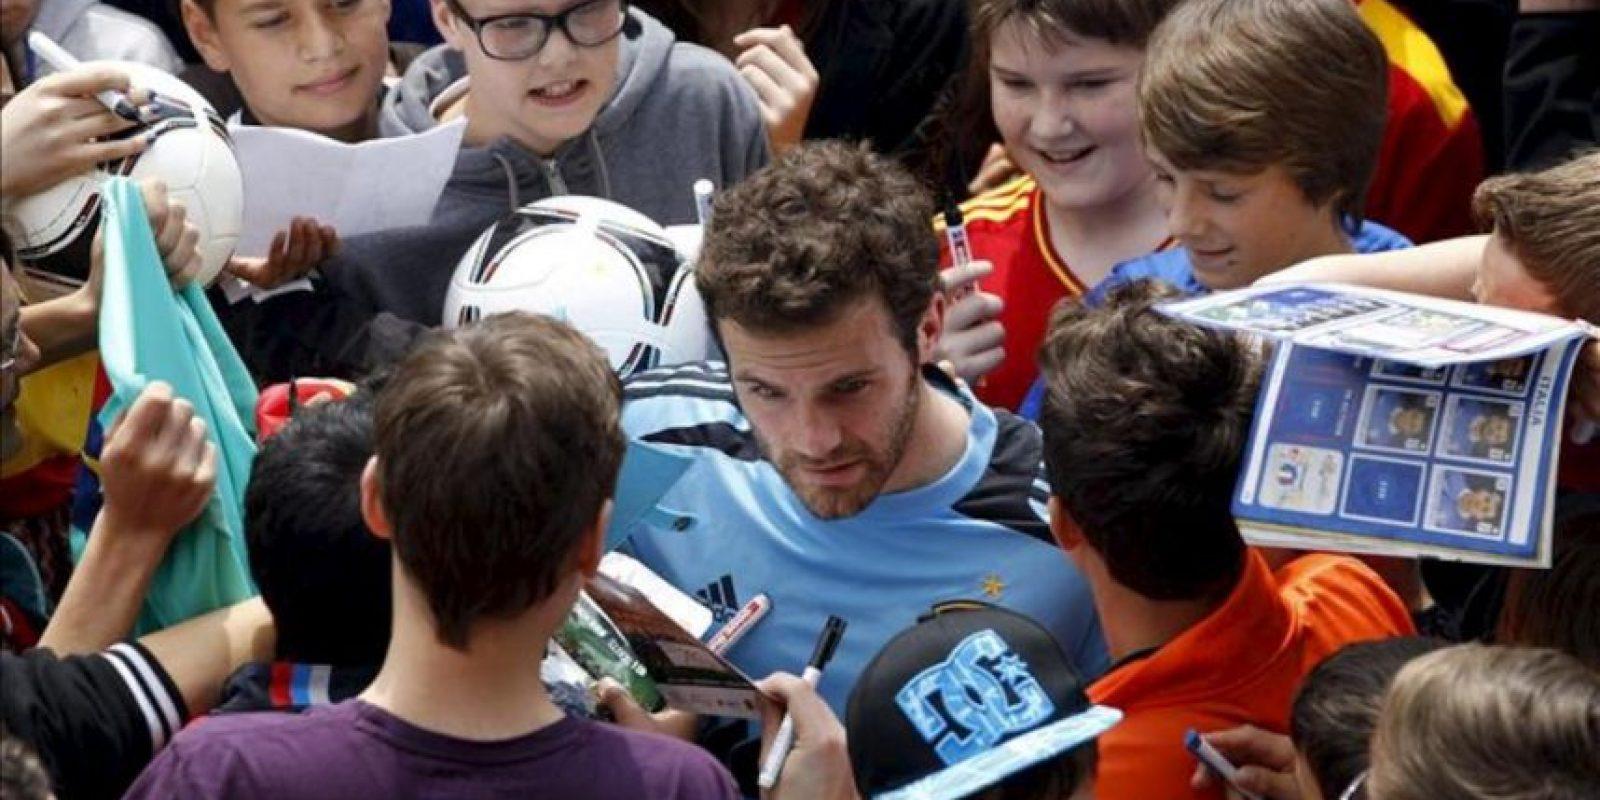 """El jugador de la selección española de fútbol Juan Mata firma autógrafos tras la """"invasión"""" de los aficionados del terreno de juego donde el combinado español entrenó hoy en la localidad austríaca de Schruns dentro de su preparación para la Eurocopa 2012. EFE"""